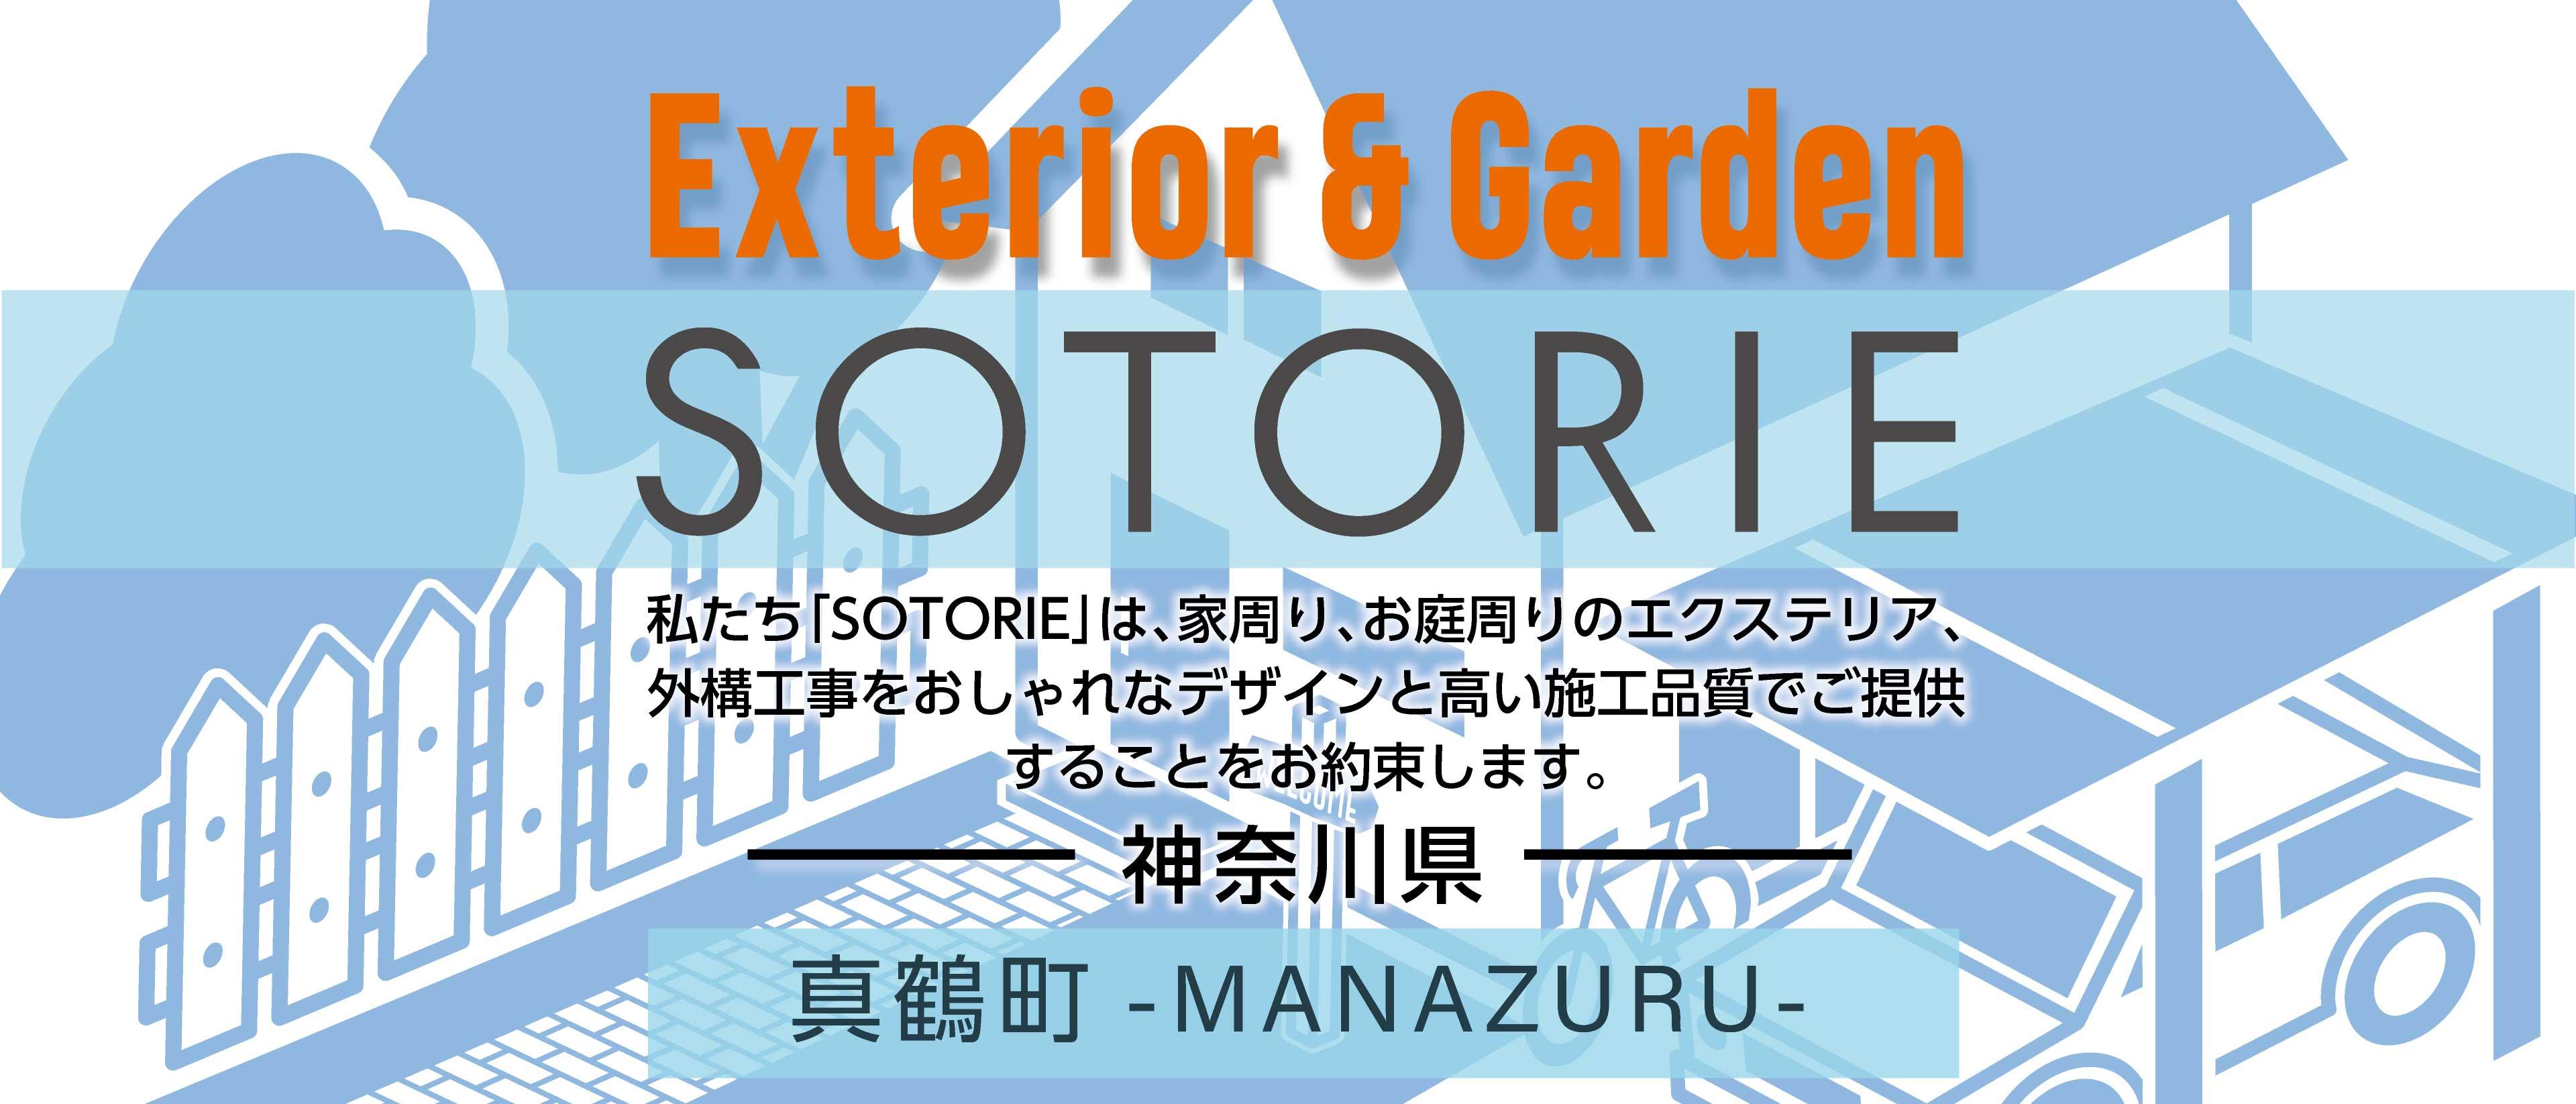 ソトリエ真鶴町では、家周りと庭周りの外構、エクステリア工事をおしゃれなデザインと高い施工品質でご提供することをお約束します。